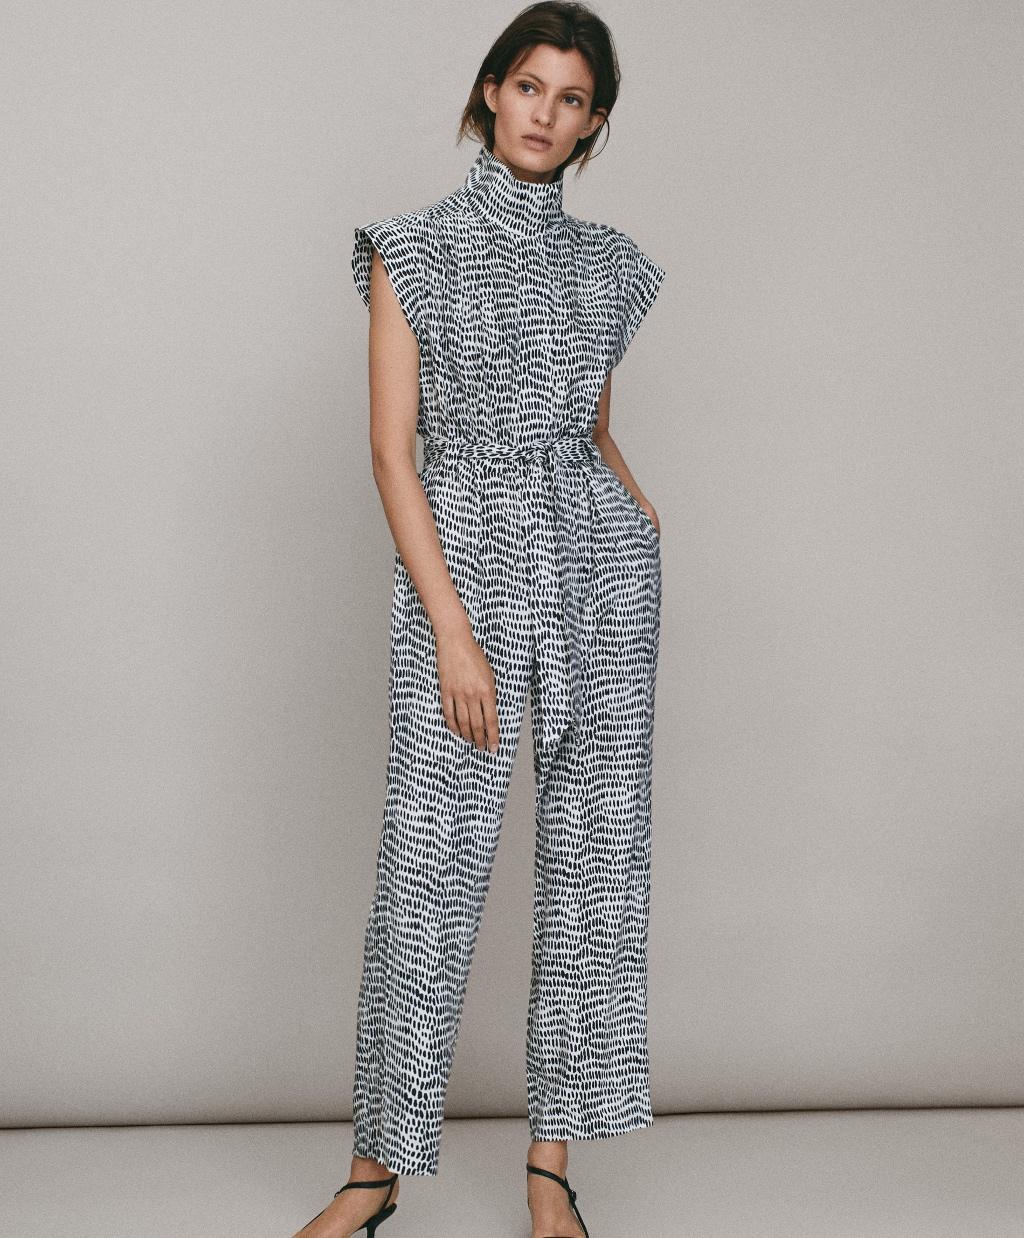 Ολόσωμη φόρμα Massimo Dutti 99.95 €